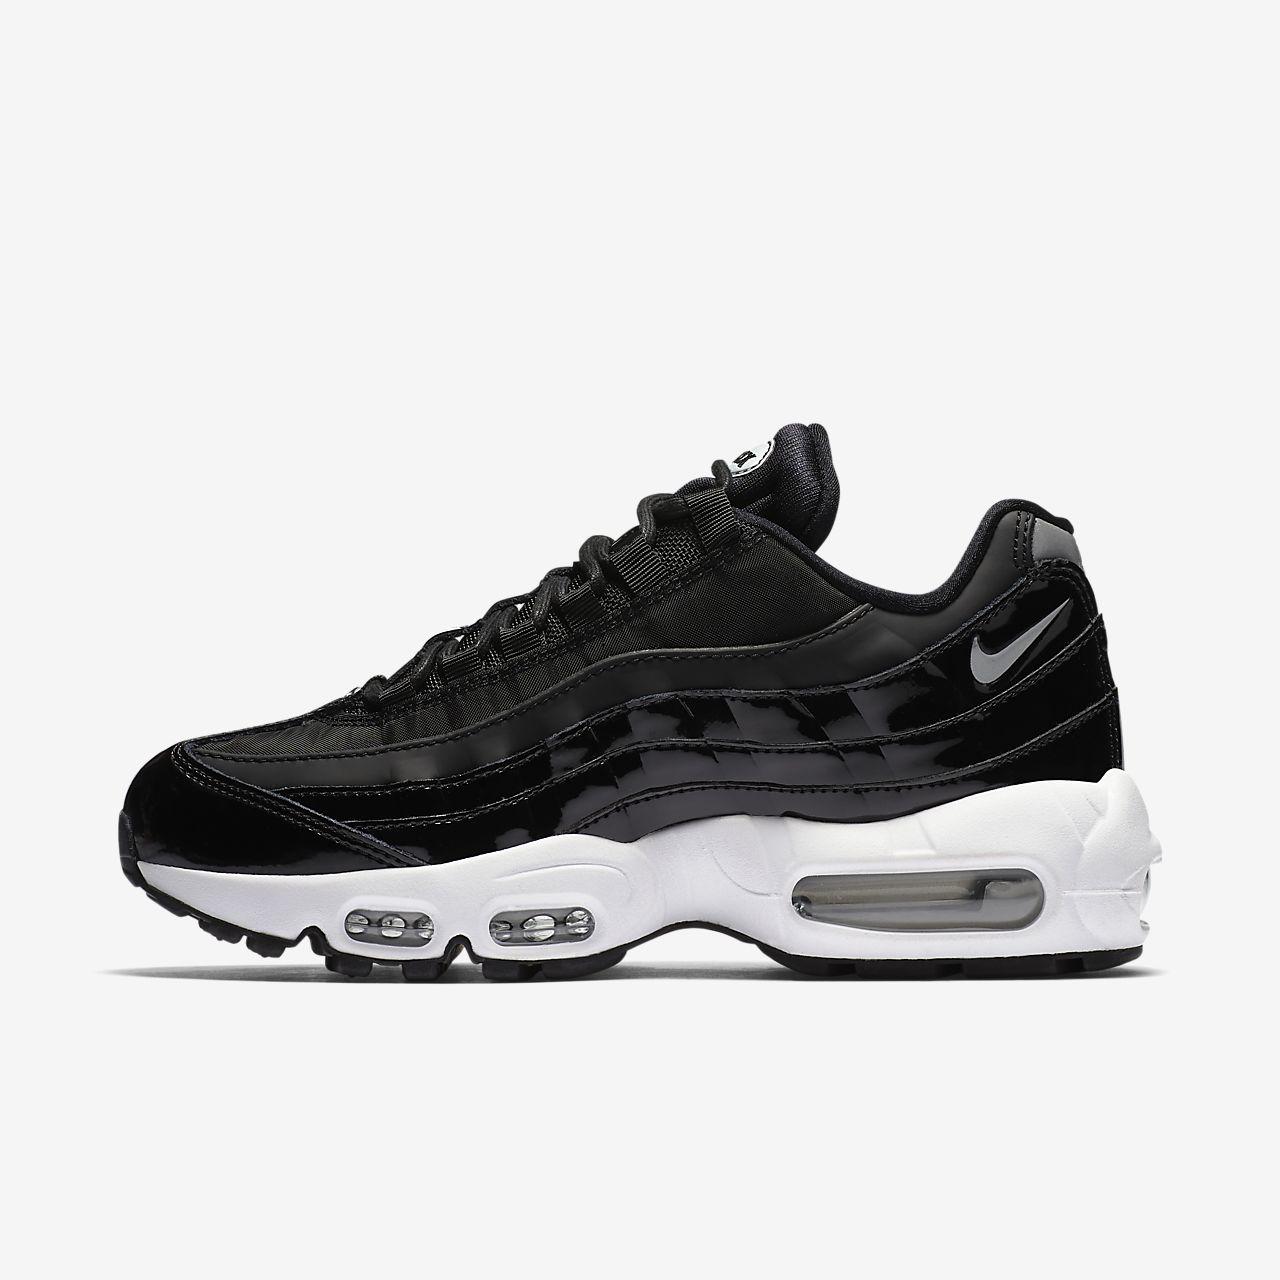 scarpe air max 95